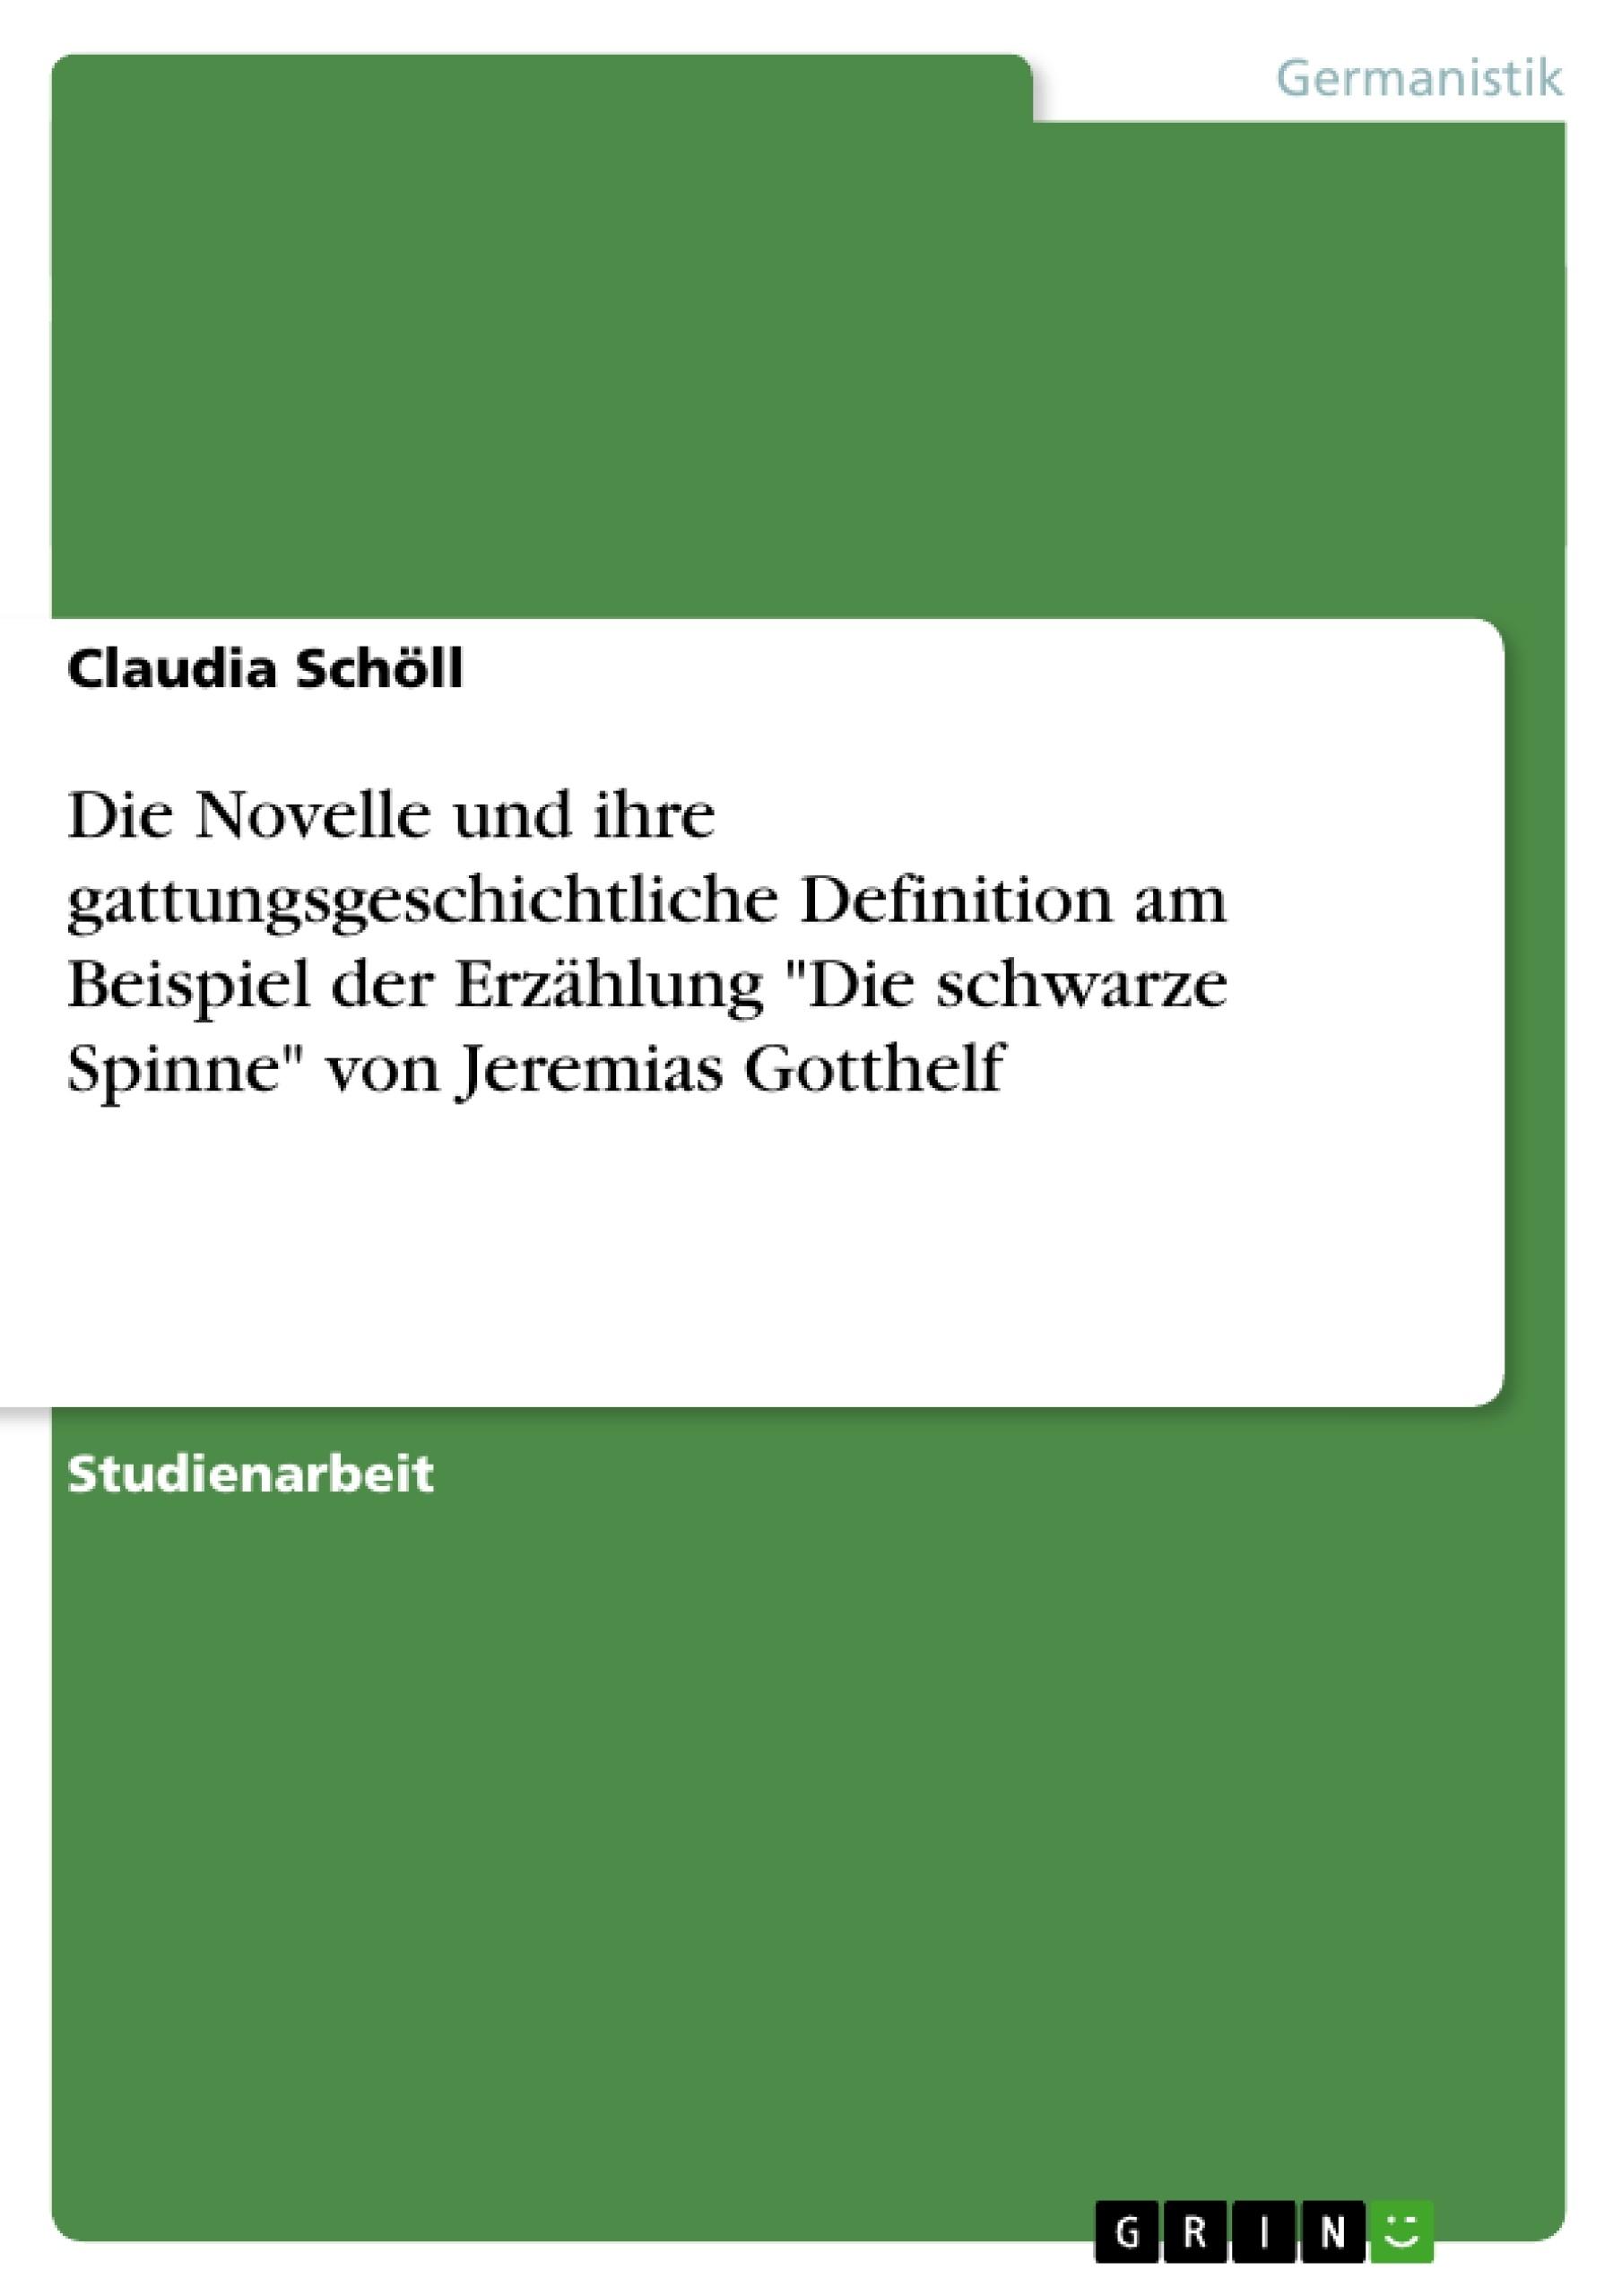 Die Novelle und ihre gattungsgeschichtliche Definition am Beispiel ...